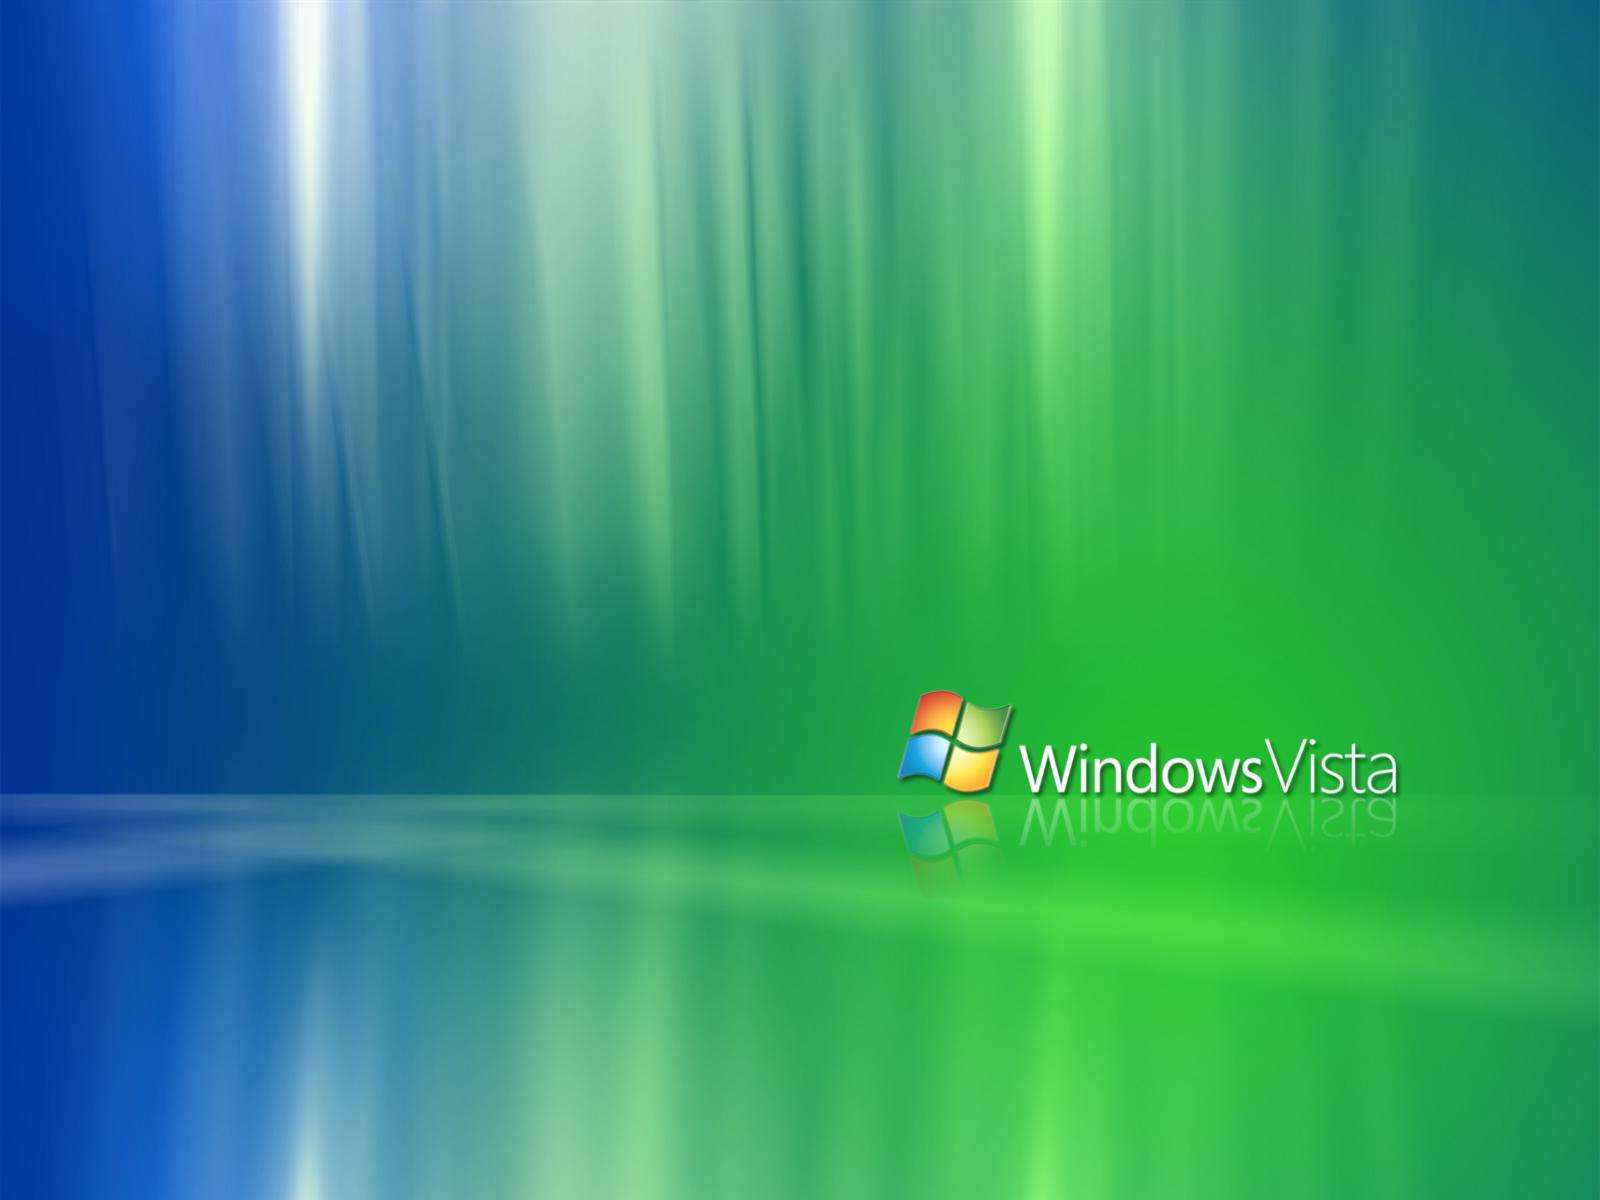 http://4.bp.blogspot.com/-7BXoF3fHHfw/T328mrNIMVI/AAAAAAAAADE/016cd9gi7hQ/s1600/Window+Vista+Wallpaper654.jpg